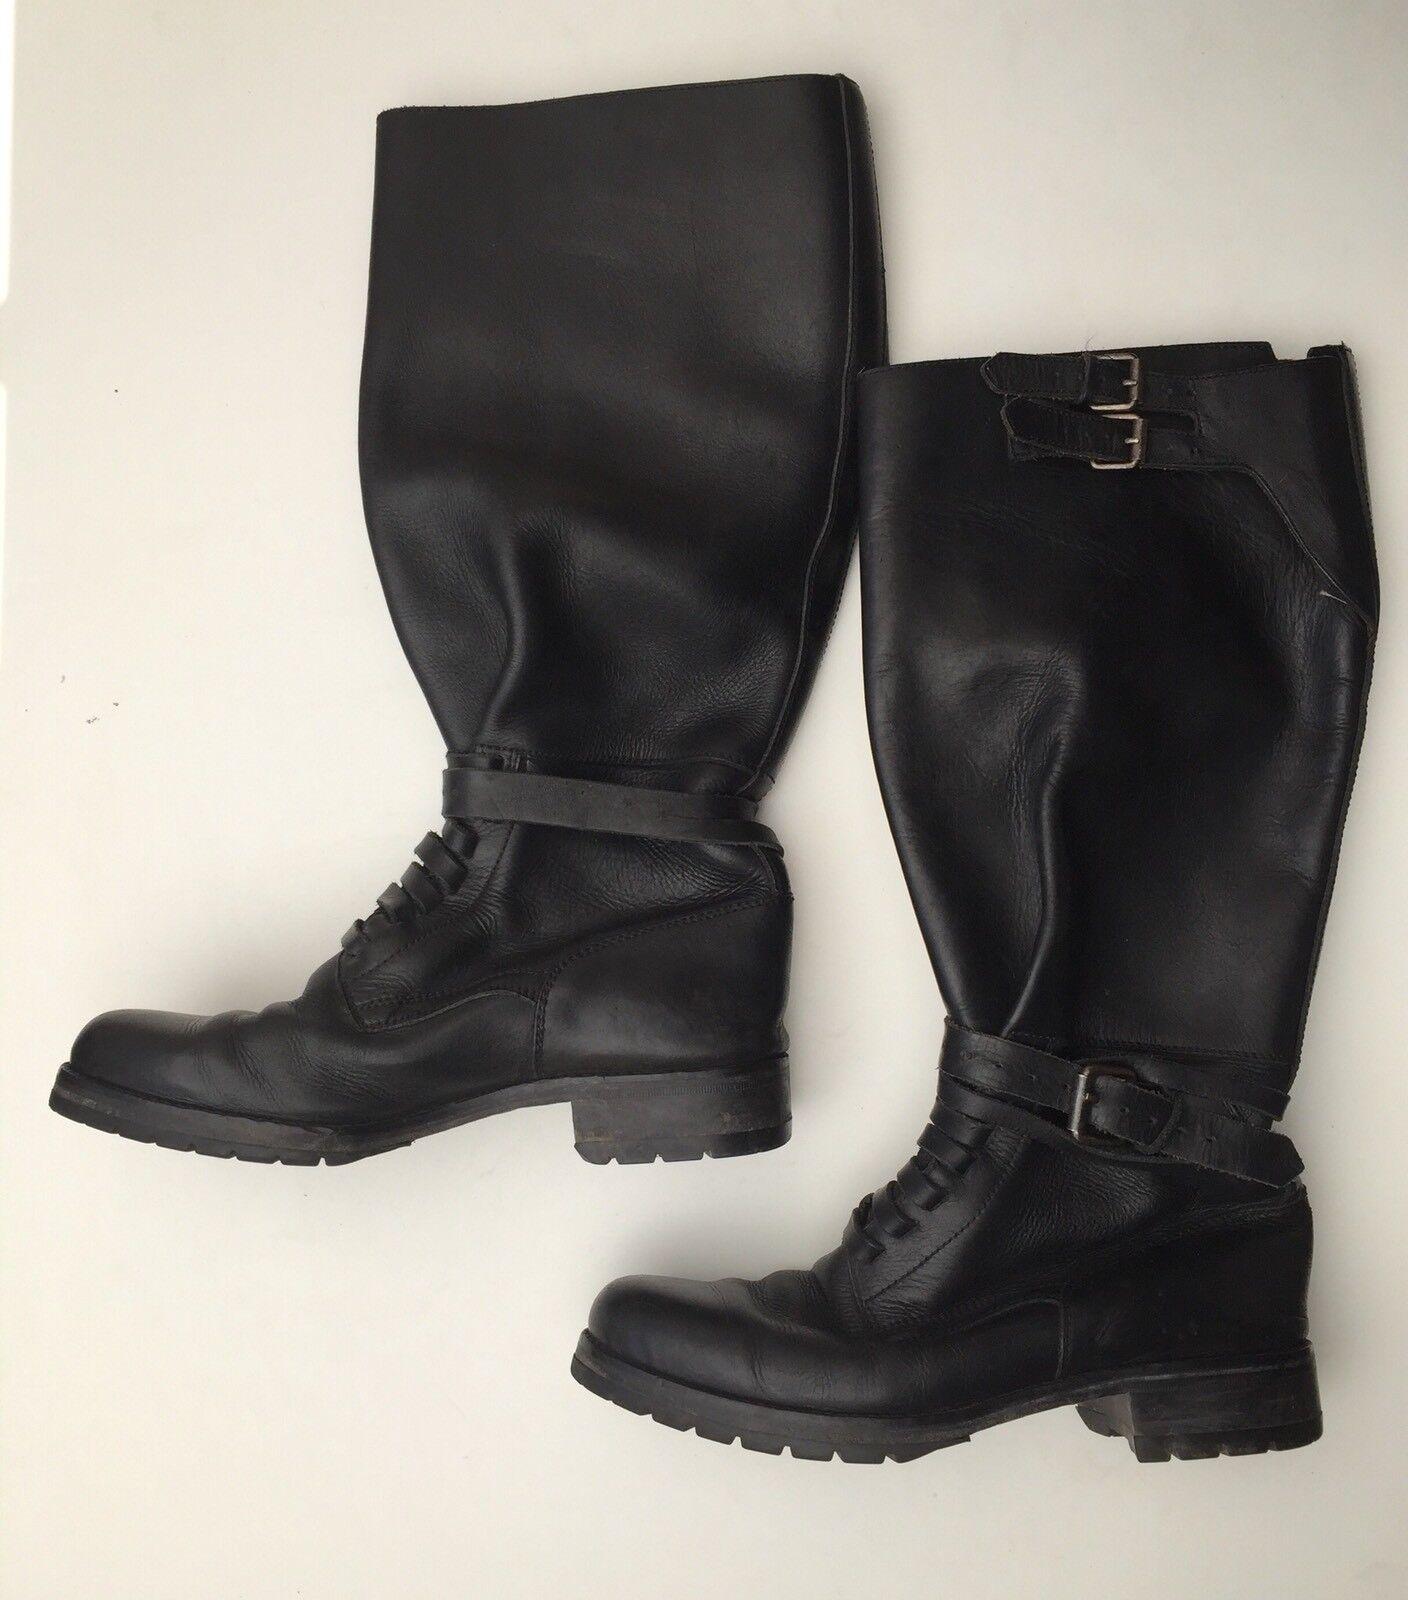 Ralph Lauren femme 16  Bottes 506787 en cuir noir taille 6